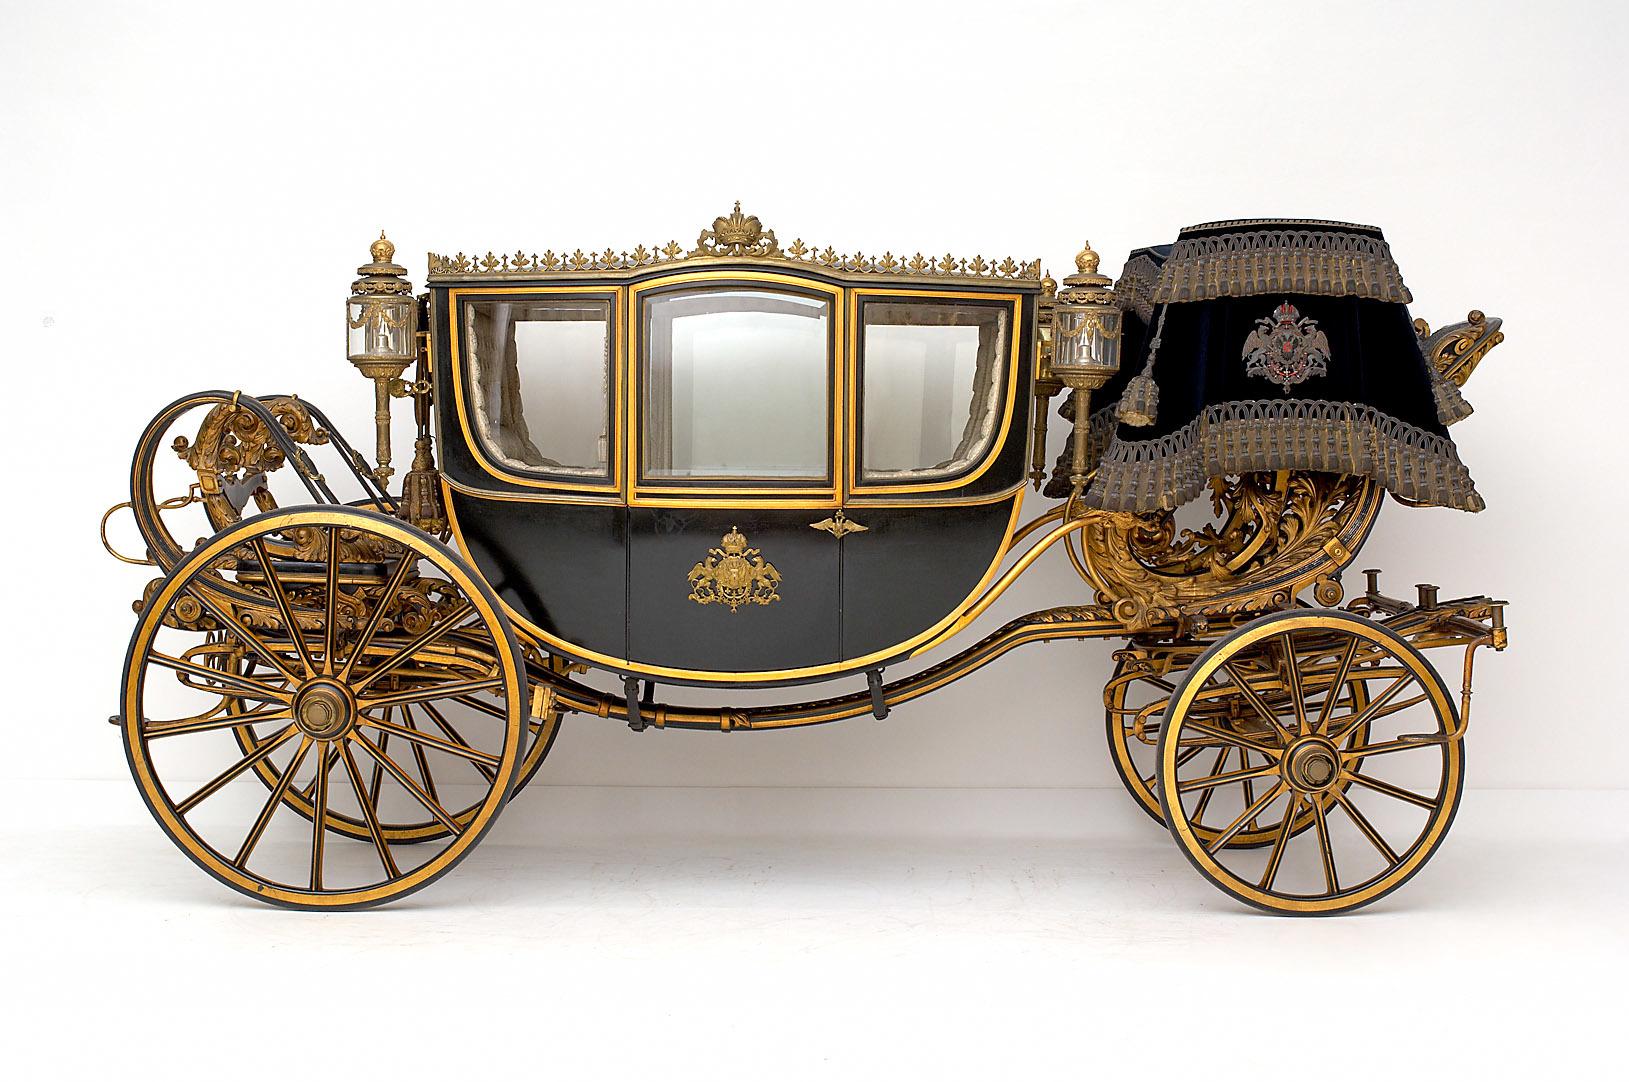 Reicher viersitziger Gala-Staatswagen von Carl Marius